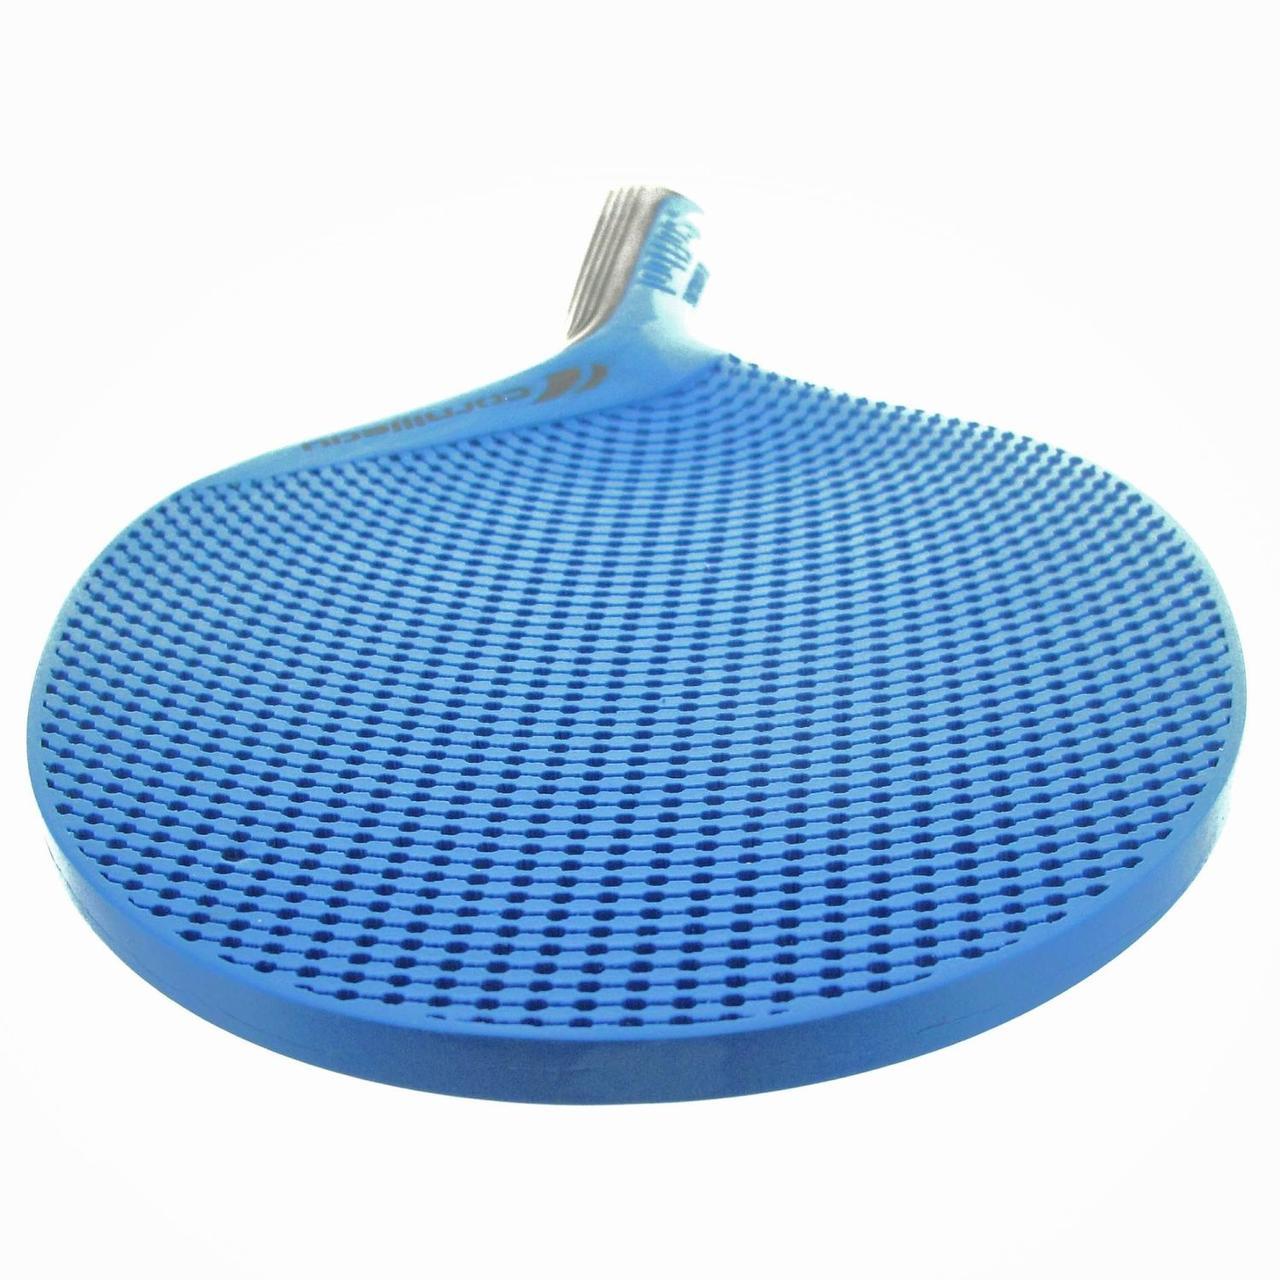 Ракетка для настольного тенниса Cornilleau Softbat (синяя)  продажа ... 1f2dca33a94ef